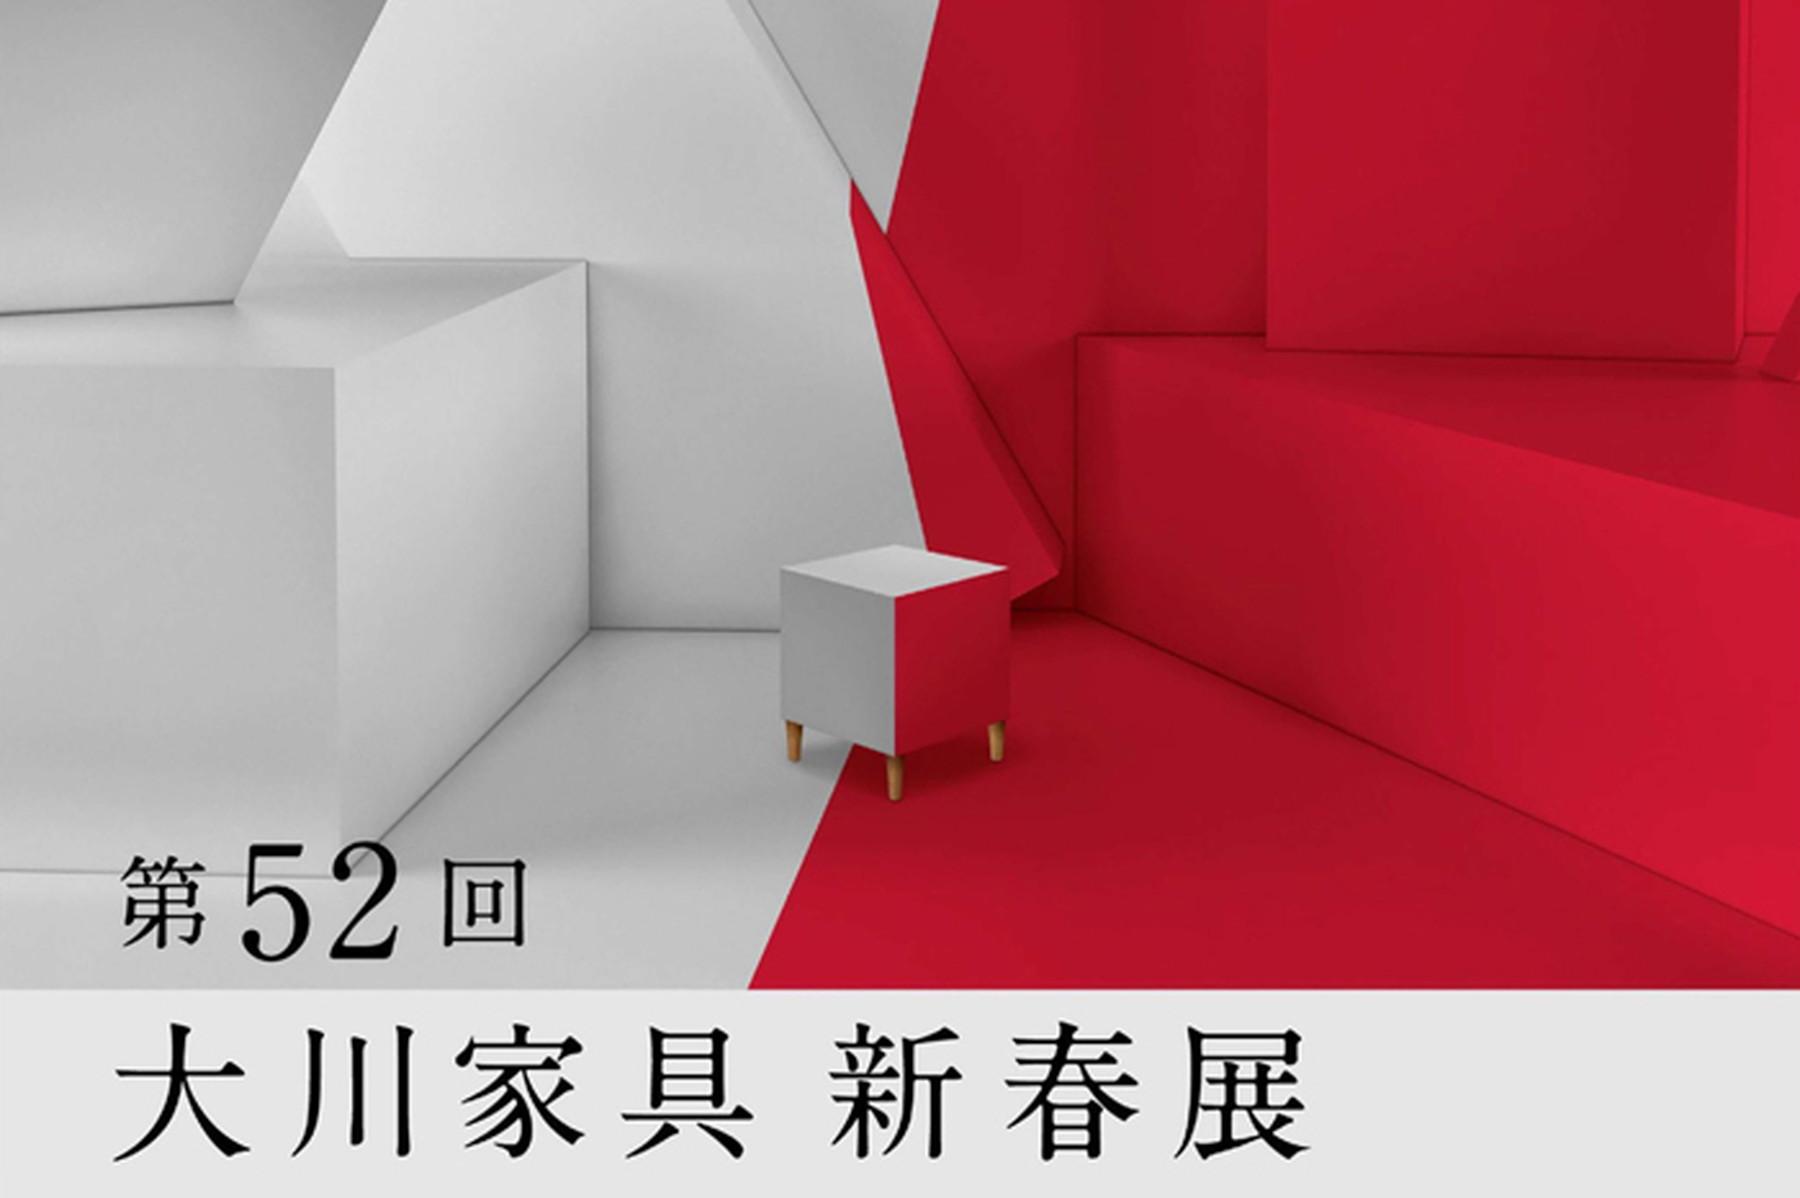 大川家具新春展2020出展のお知らせ/KOKOROISHIソファ